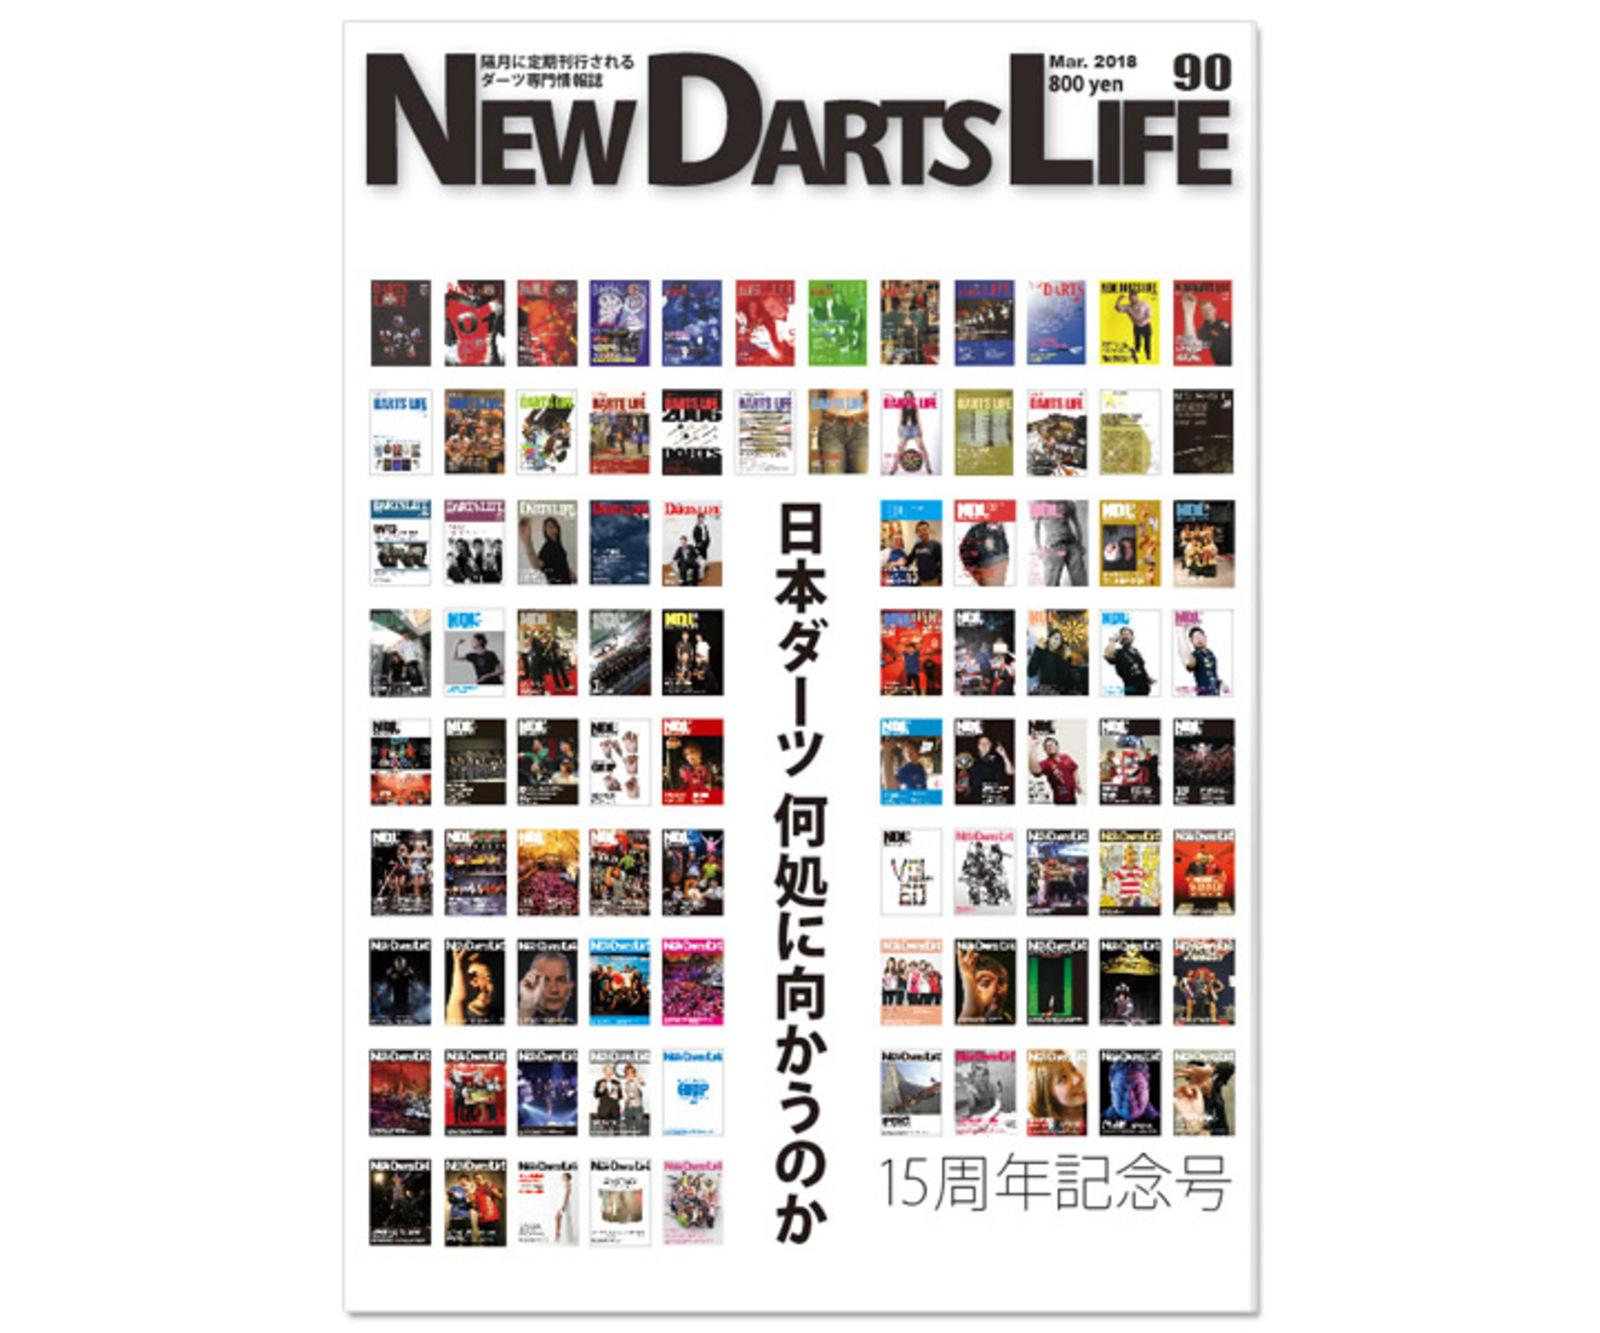 DARTS MAGAZINE【NEW DARTS LIFE】vol.90